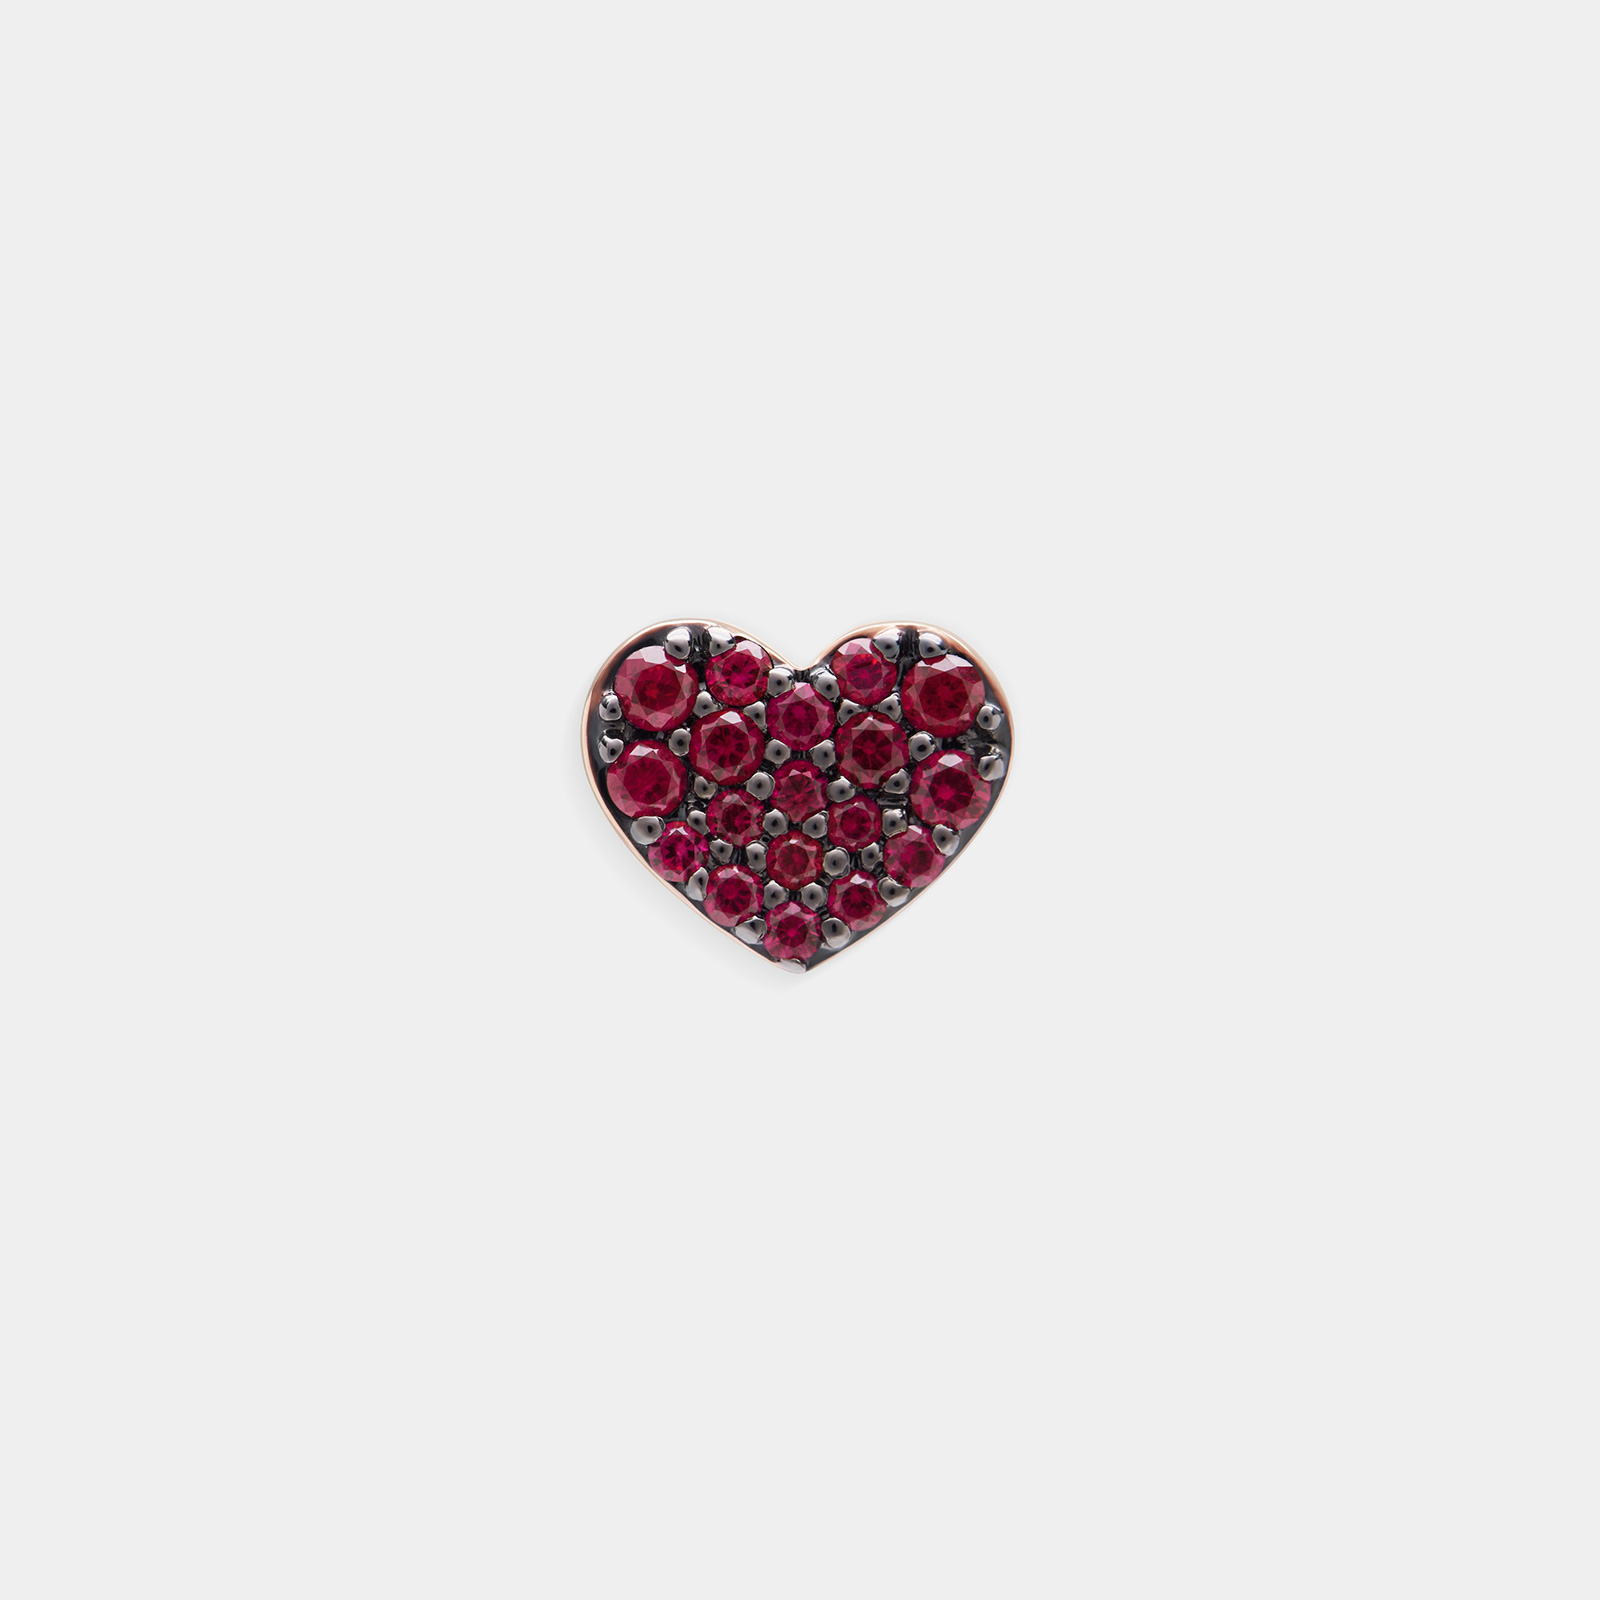 Mono Orecchino a cuore in oro rosa e rubini - Rosanna Cattolico gioielli